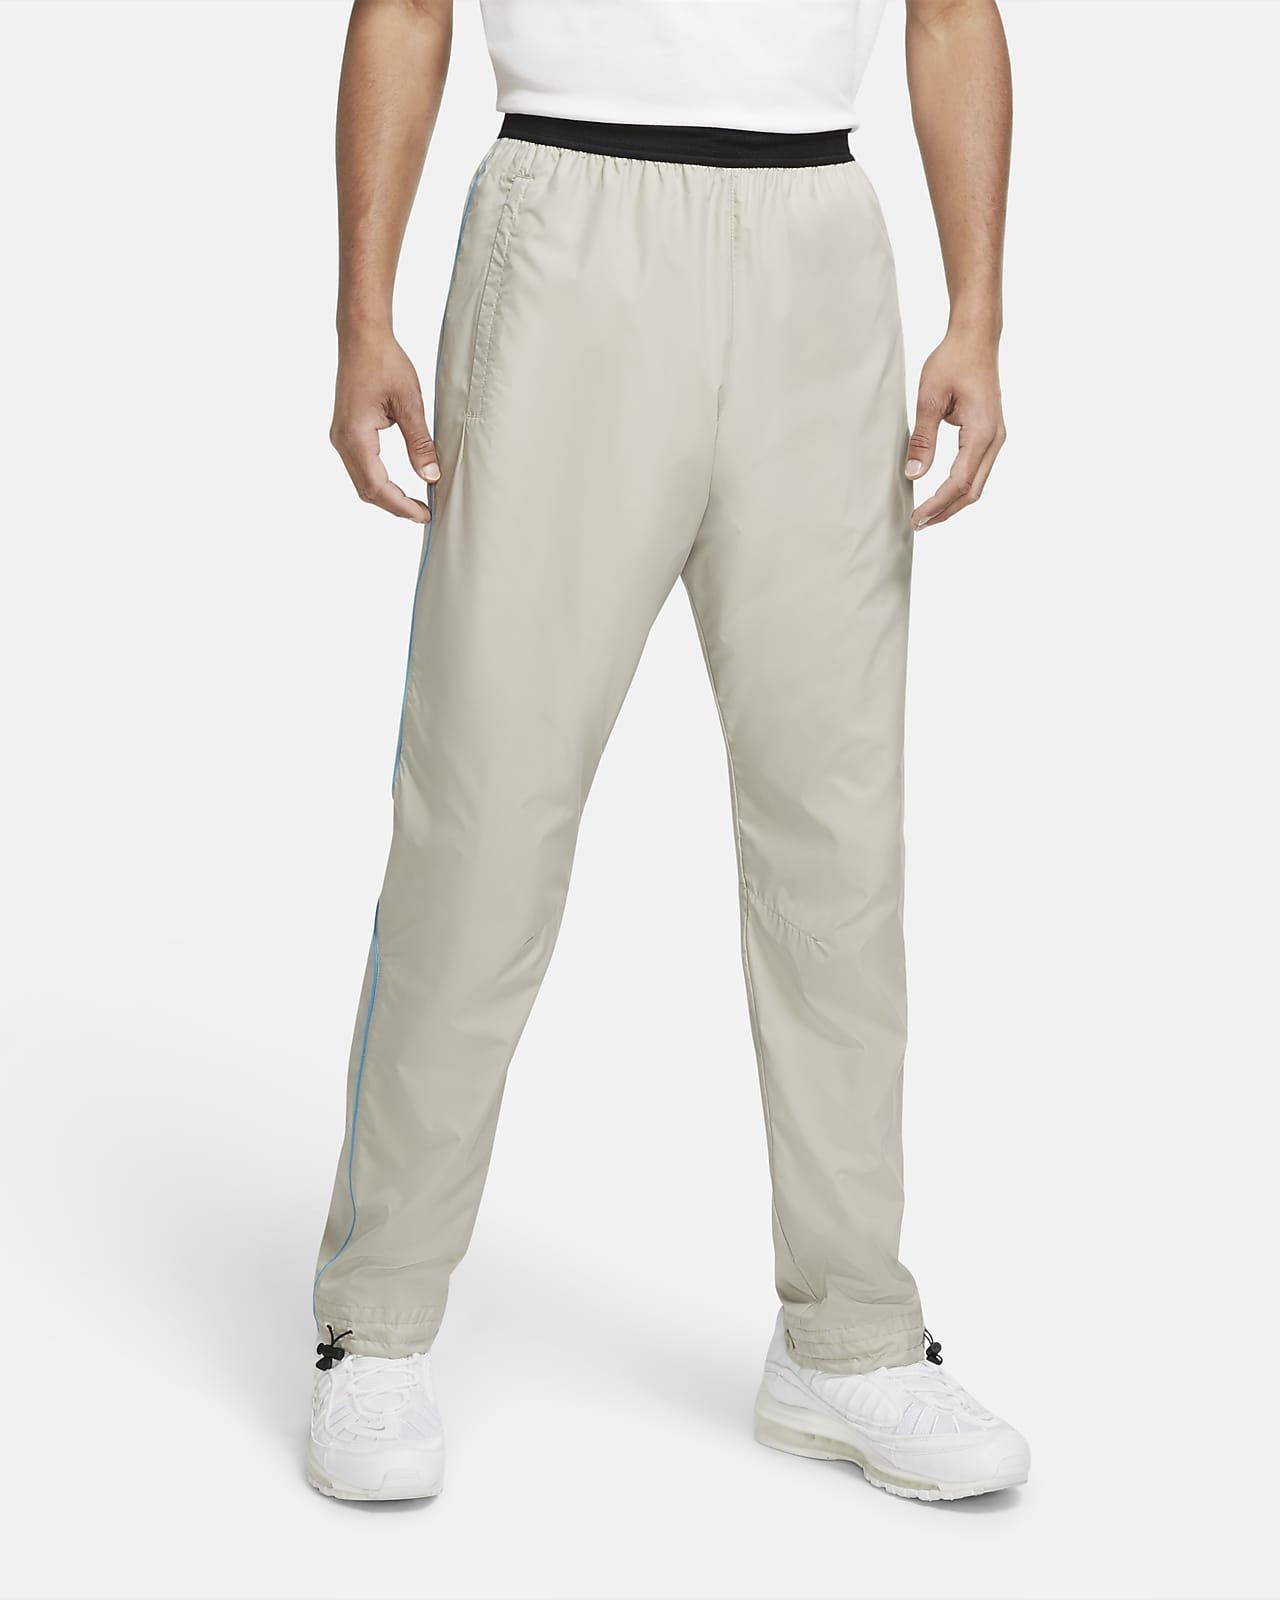 Ανδρικό υφαντό παντελόνι Nike Sportswear